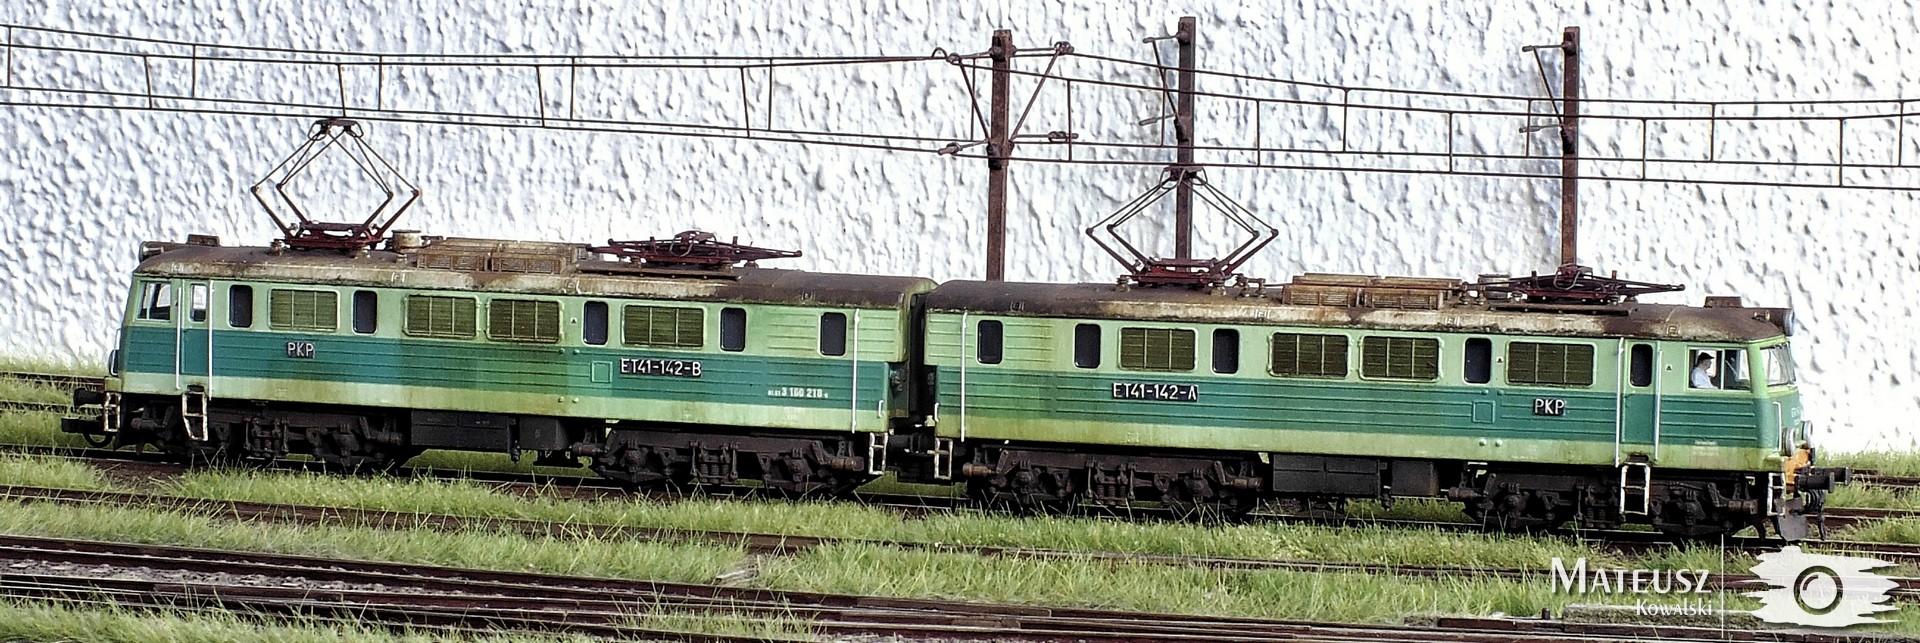 ET41-142 01.jpg